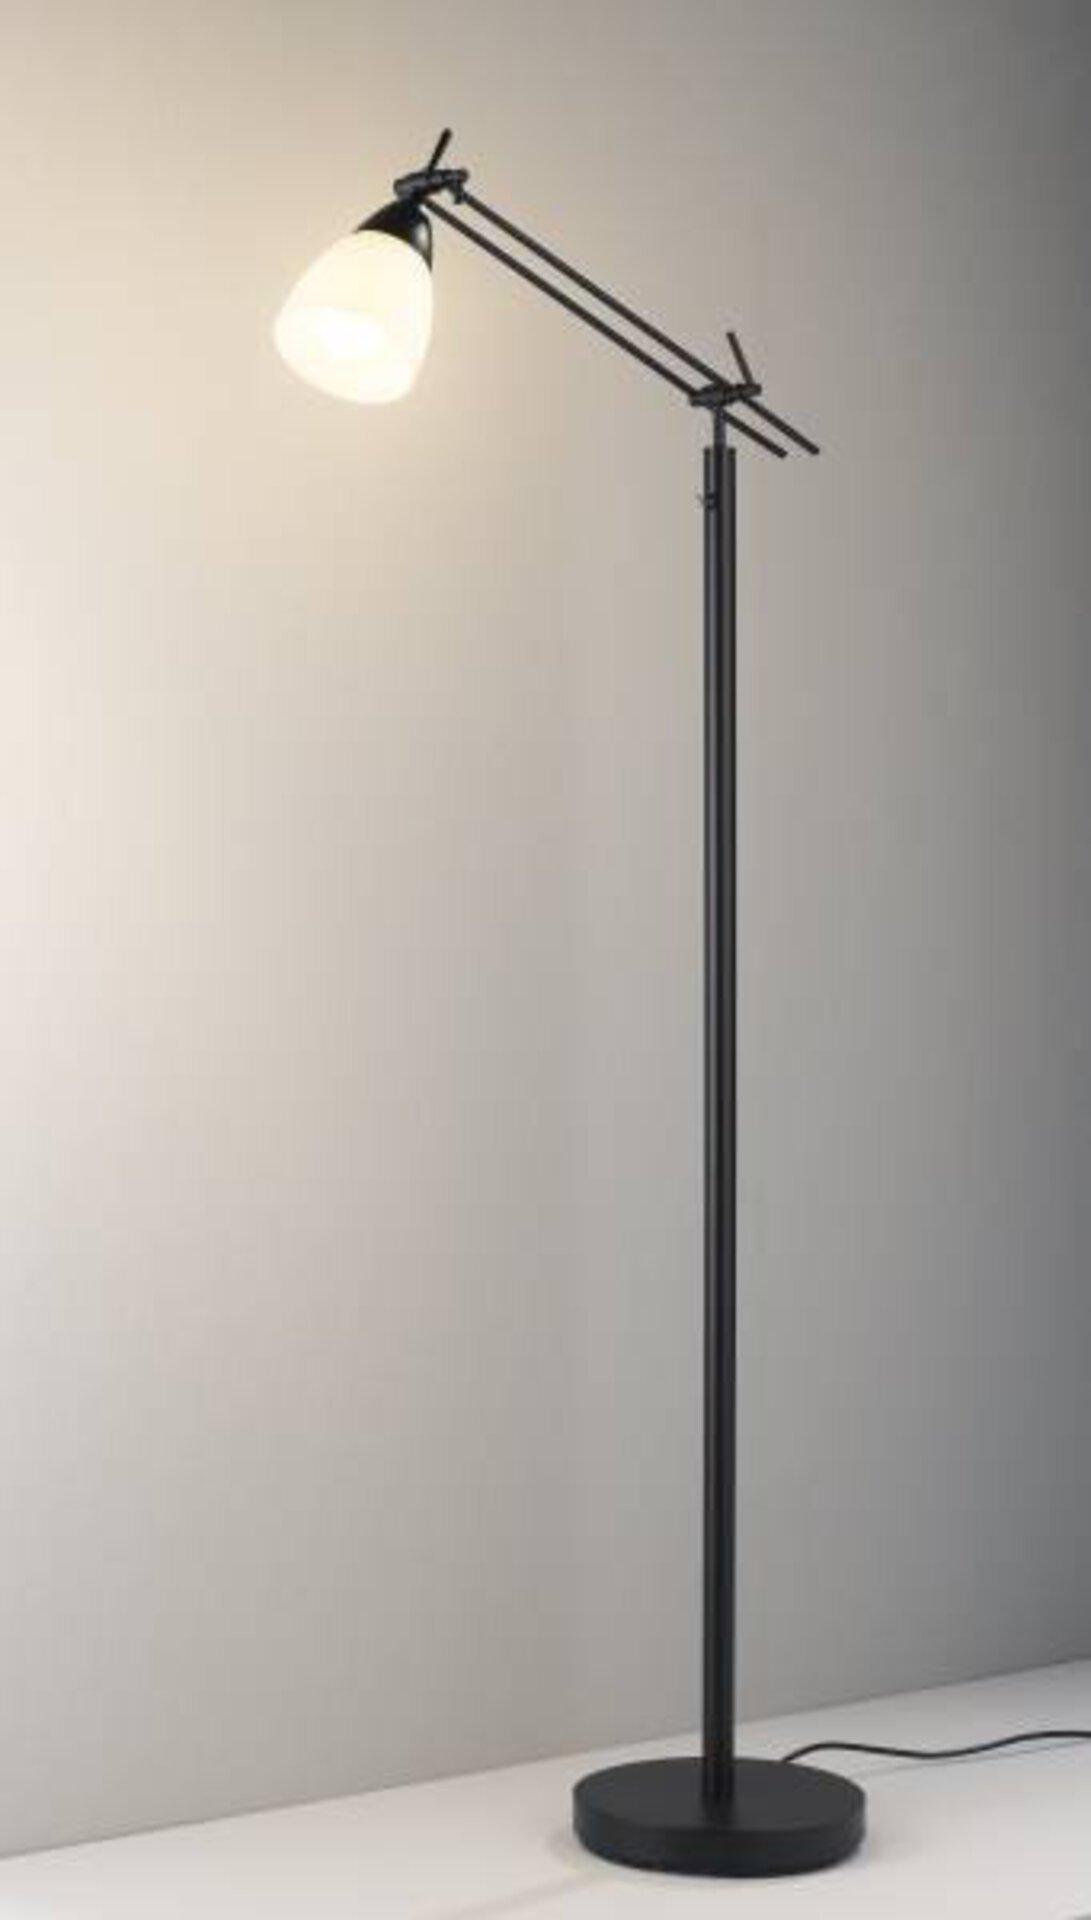 Stehleuchte Curo Casa Nova Metall schwarz 23 x 150 x 43 cm